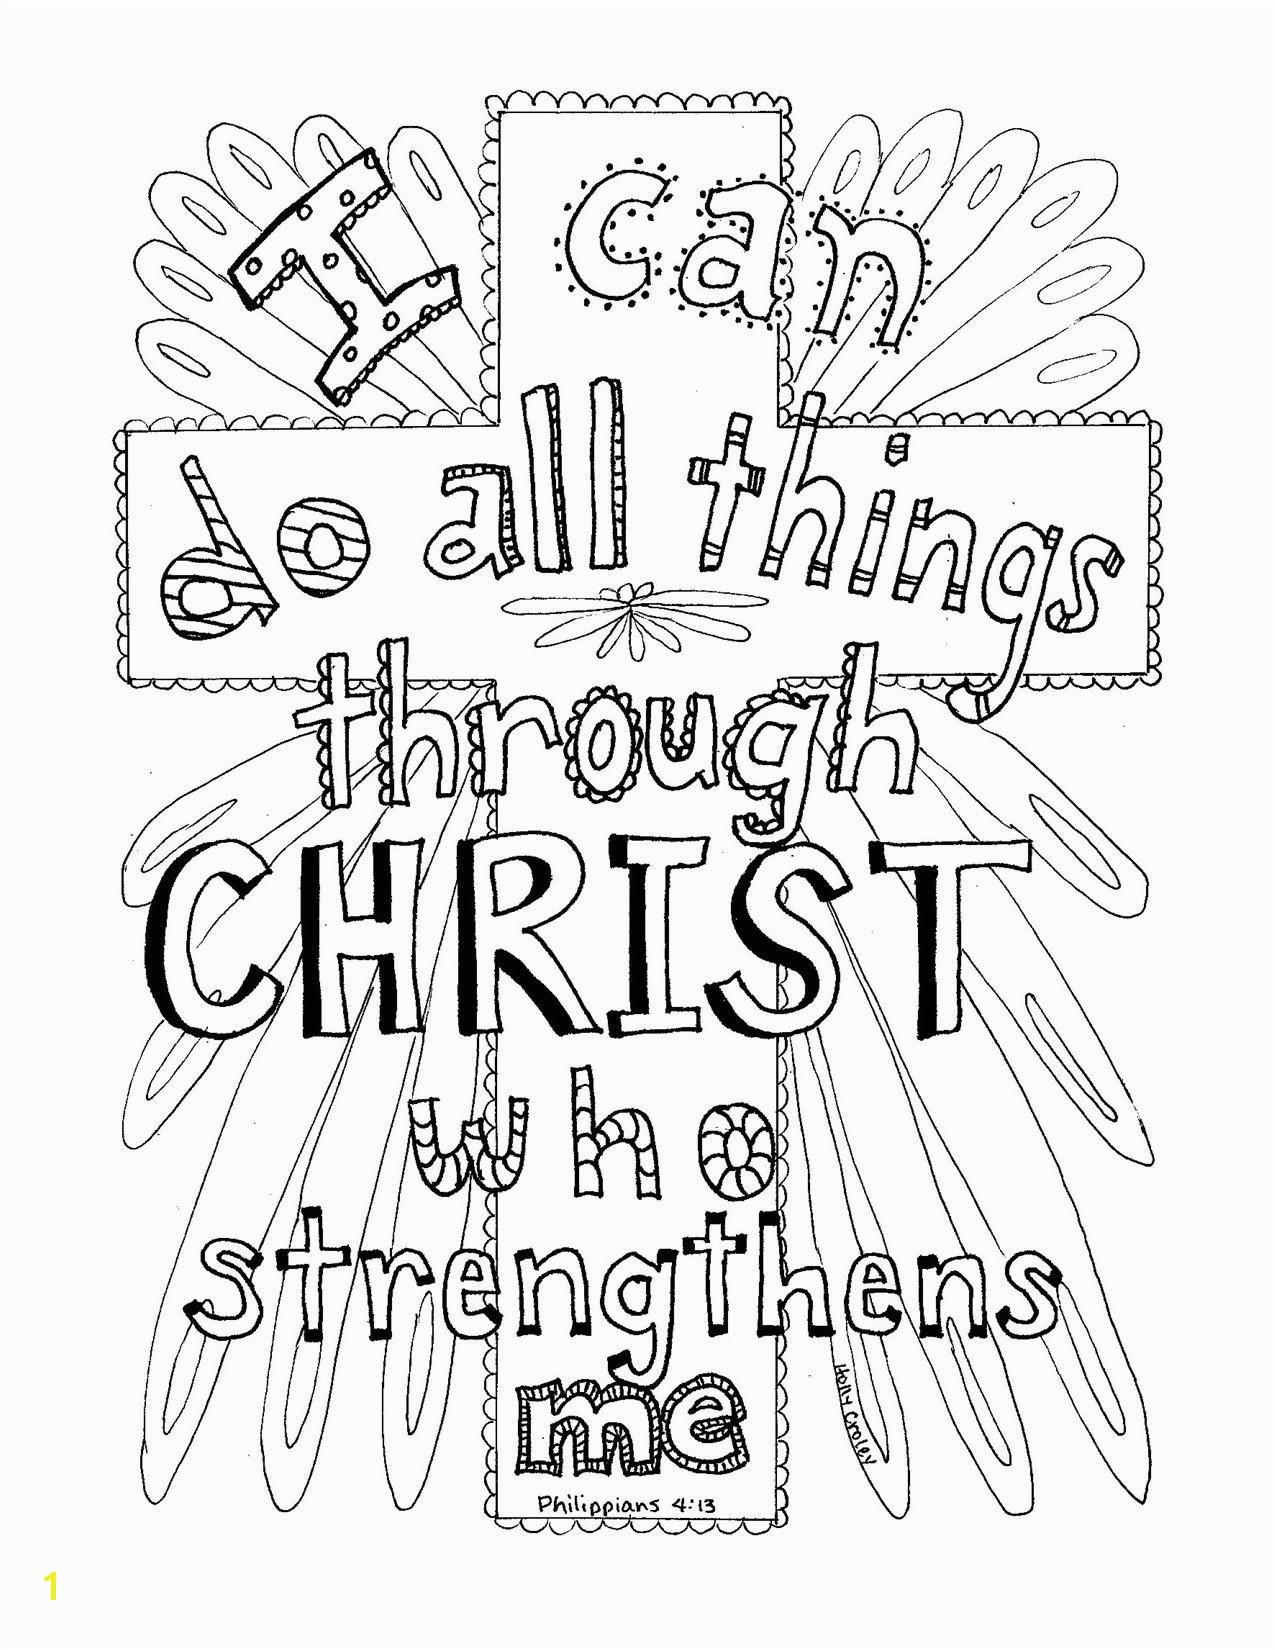 Philippians 4 13 Scripture coloring page